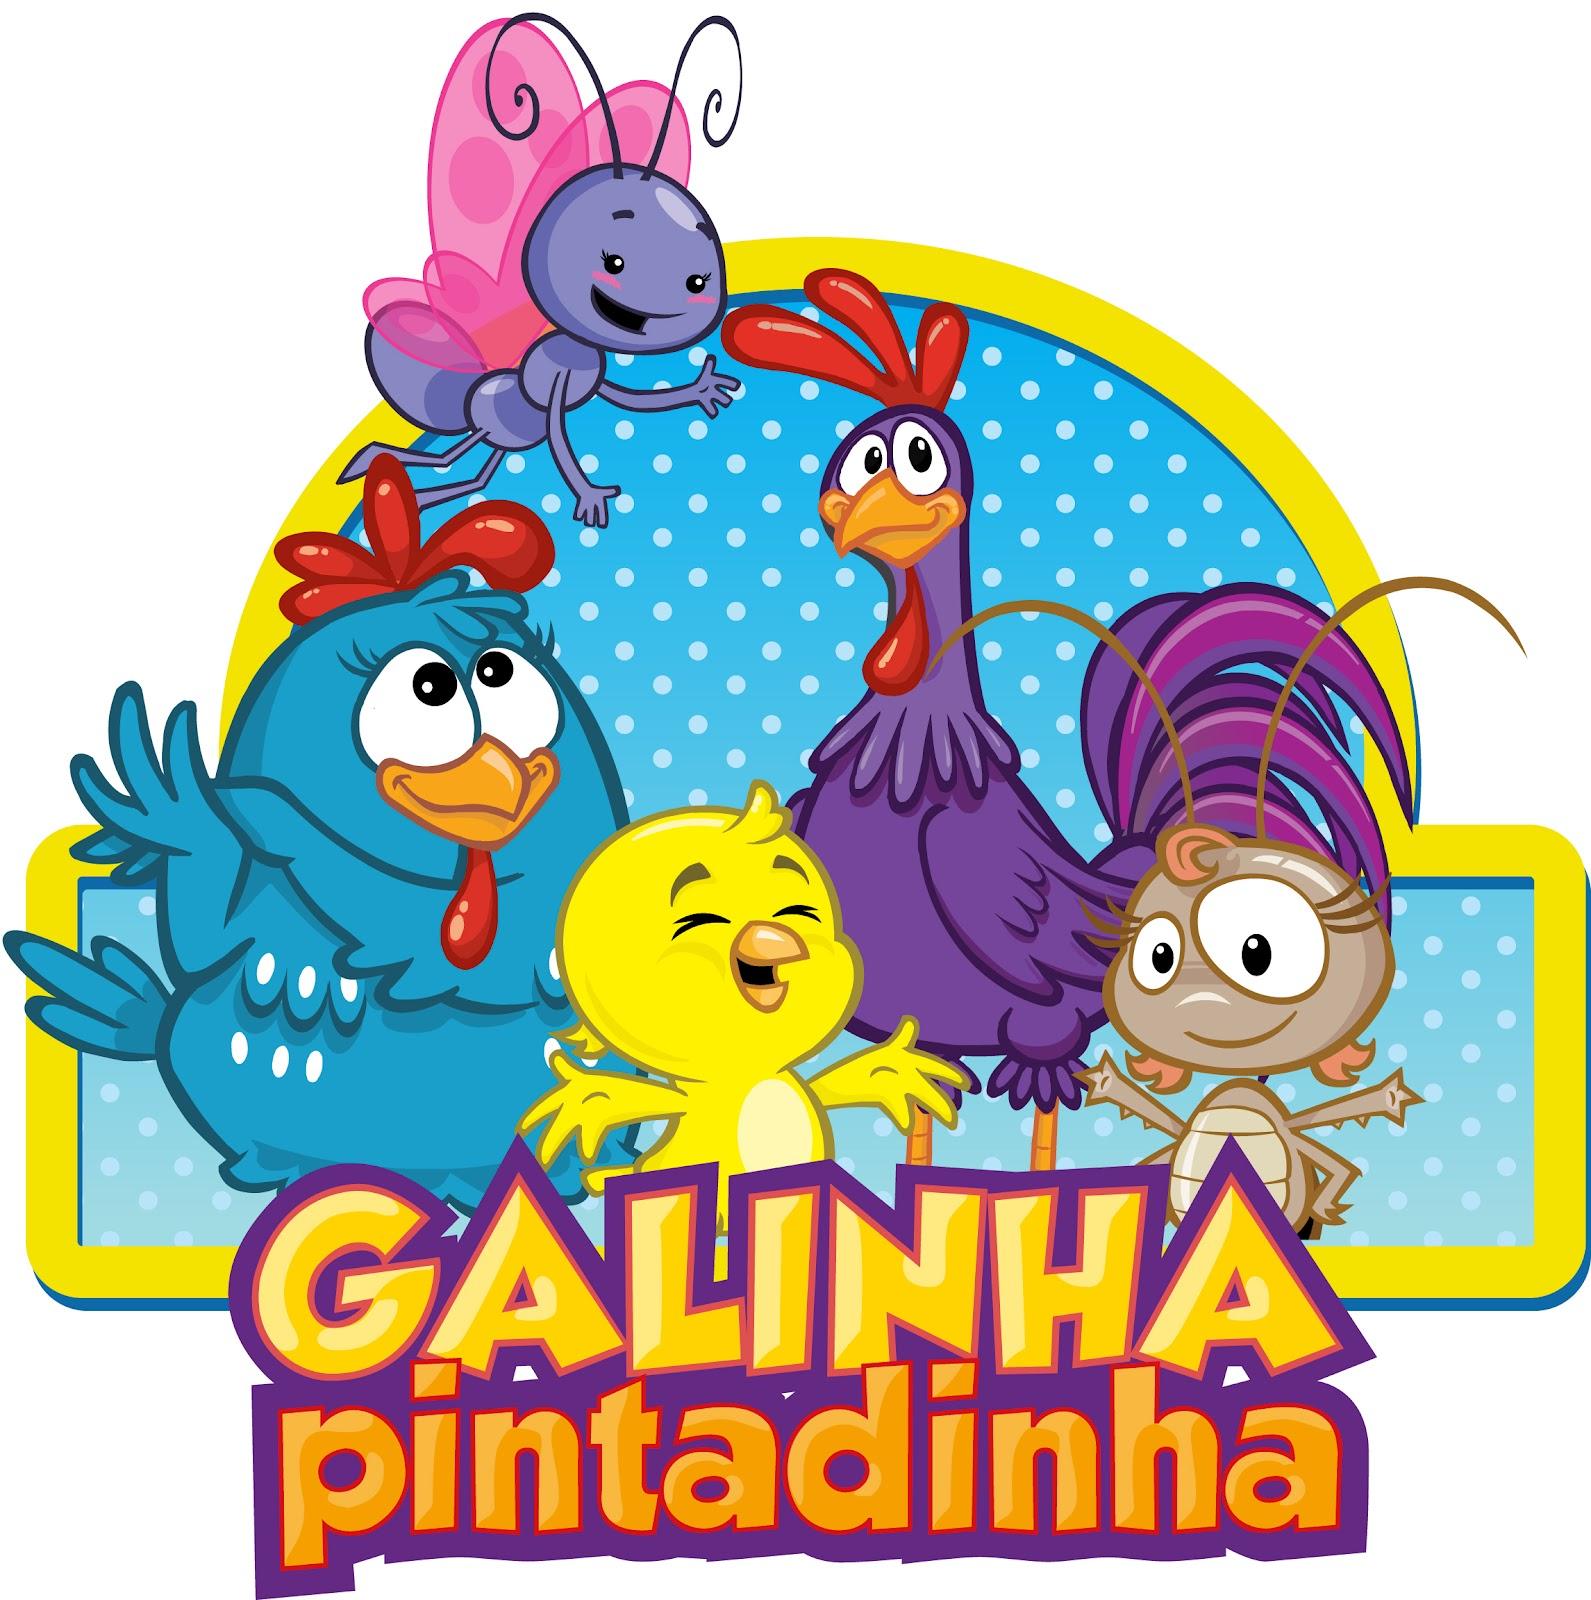 http://2.bp.blogspot.com/-cipBatqRW48/ULmer5TYINI/AAAAAAAAlnE/rDAC1U3JzuM/s1600/GALINHA+PINTADINHA+WALLPAPER+IMAGEM+FUNDO+BUTTON.jpg